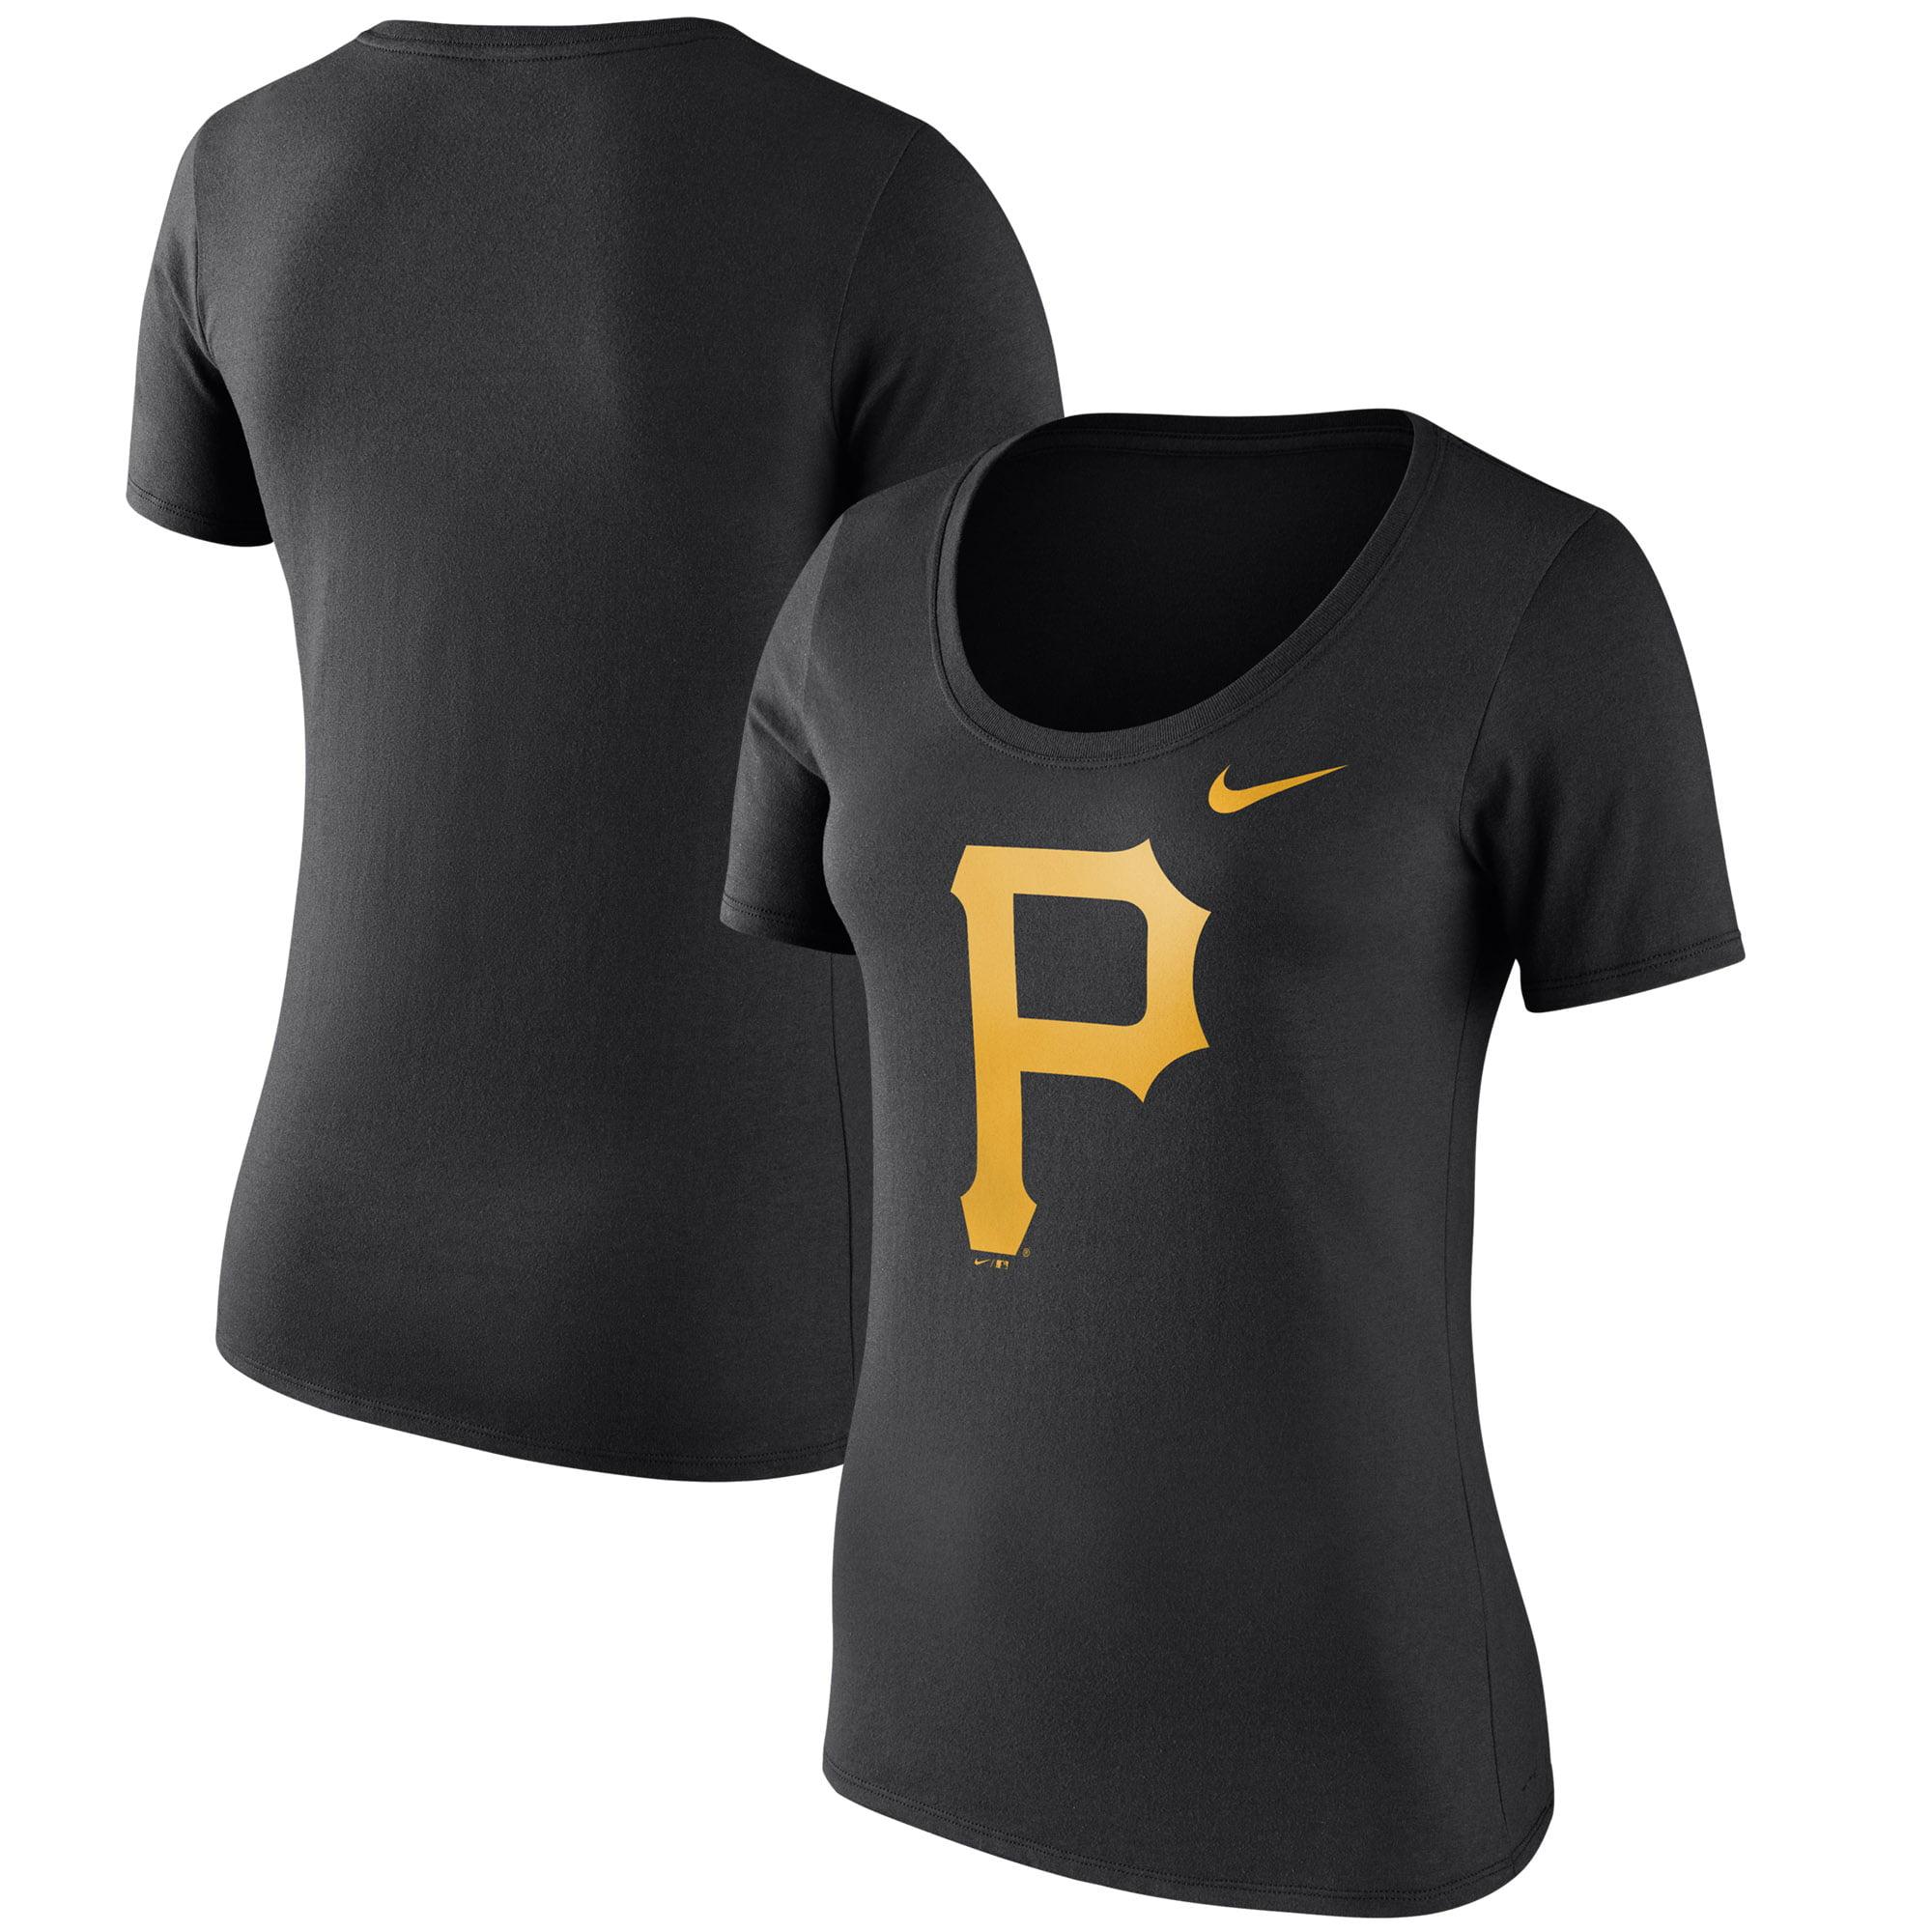 Women's Nike Black Pittsburgh Pirates Logo Scoop Neck T-Shirt